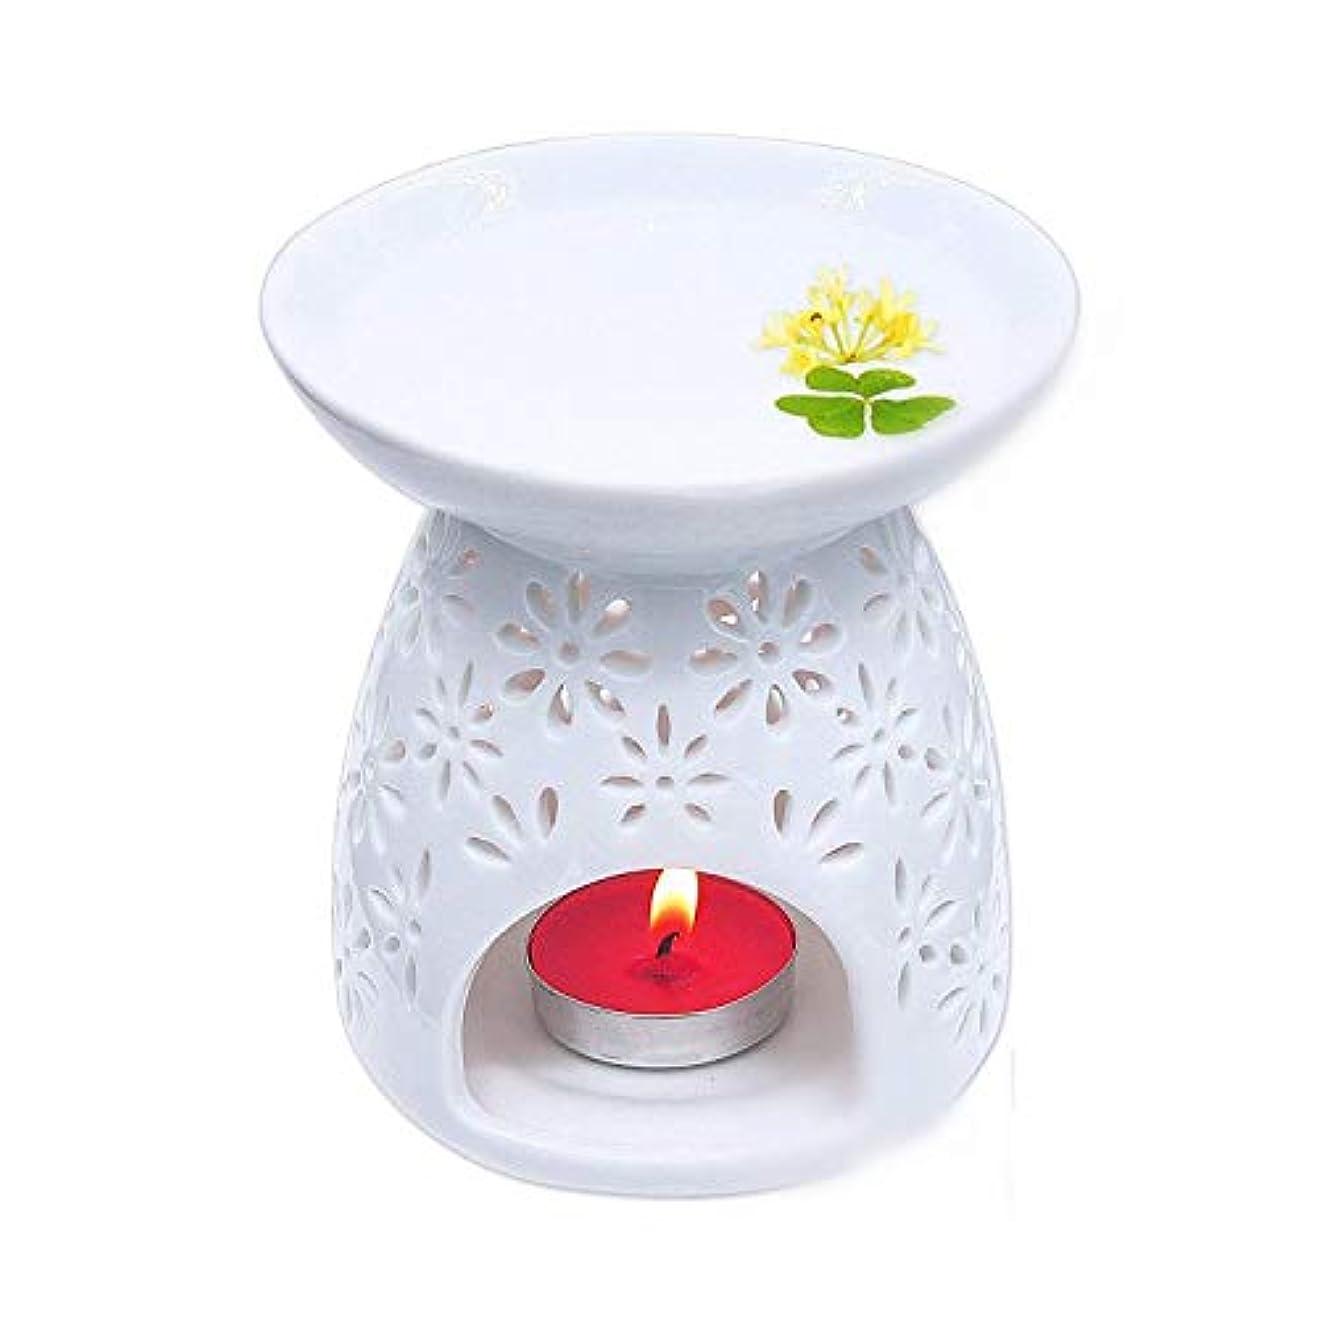 流出見捨てる患者Pursue 茶香炉 アロマ炉 香炉 陶器 精油 香炉置物 薫香 インテリア アロマディフューザー 中空の彫刻工 消臭と癒し おしゃれ